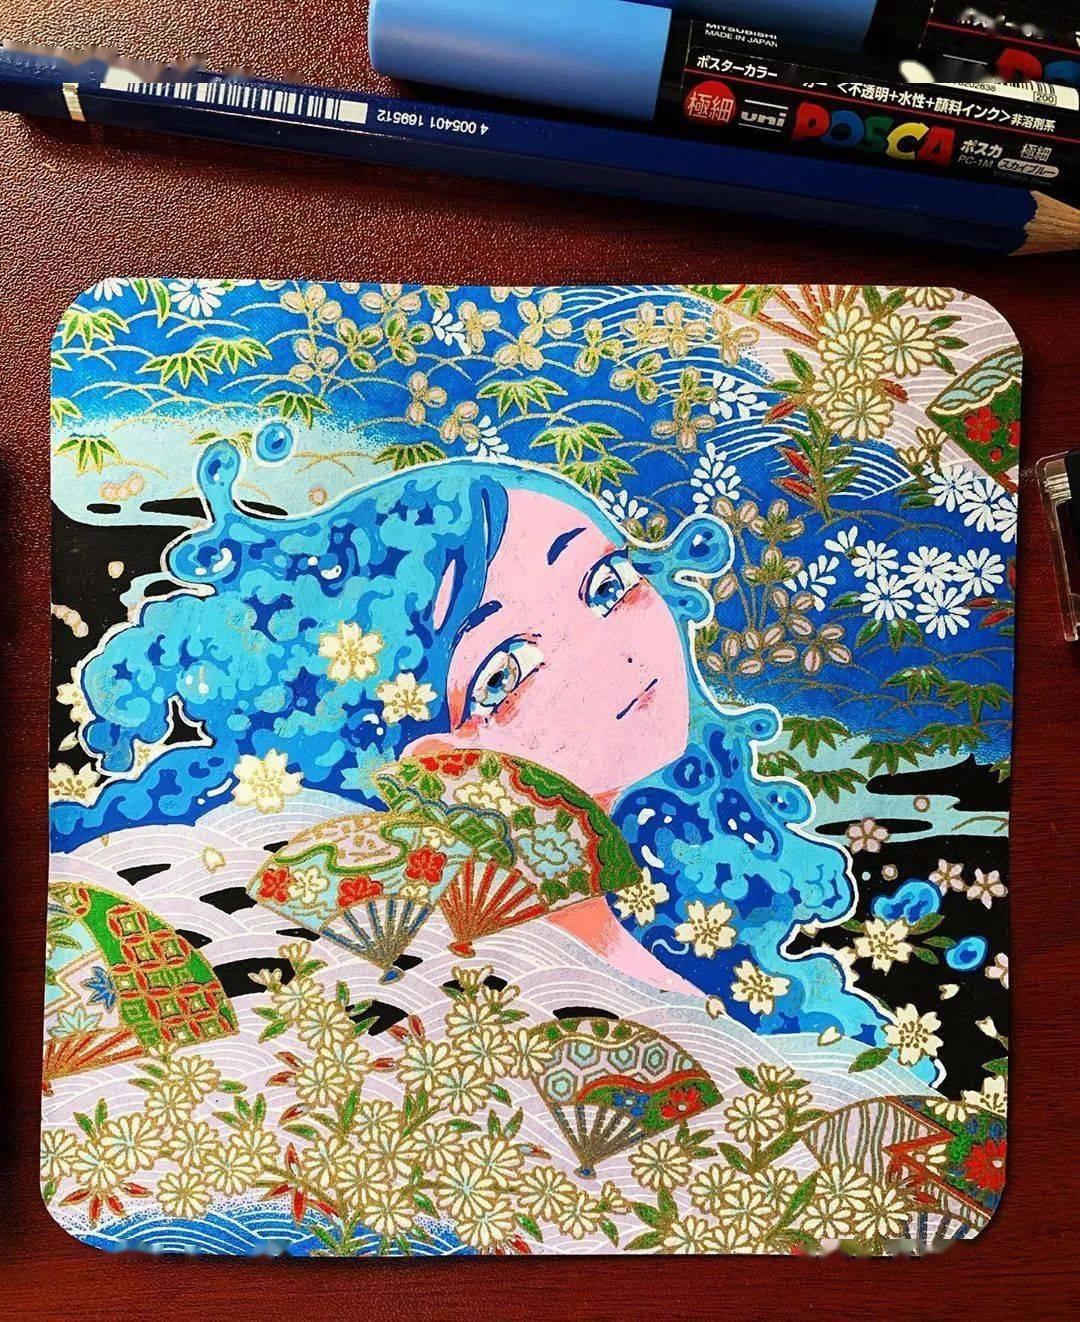 哇 马克笔画出水彩般效果,装饰感太强了,简单又漂亮,收藏 颜色